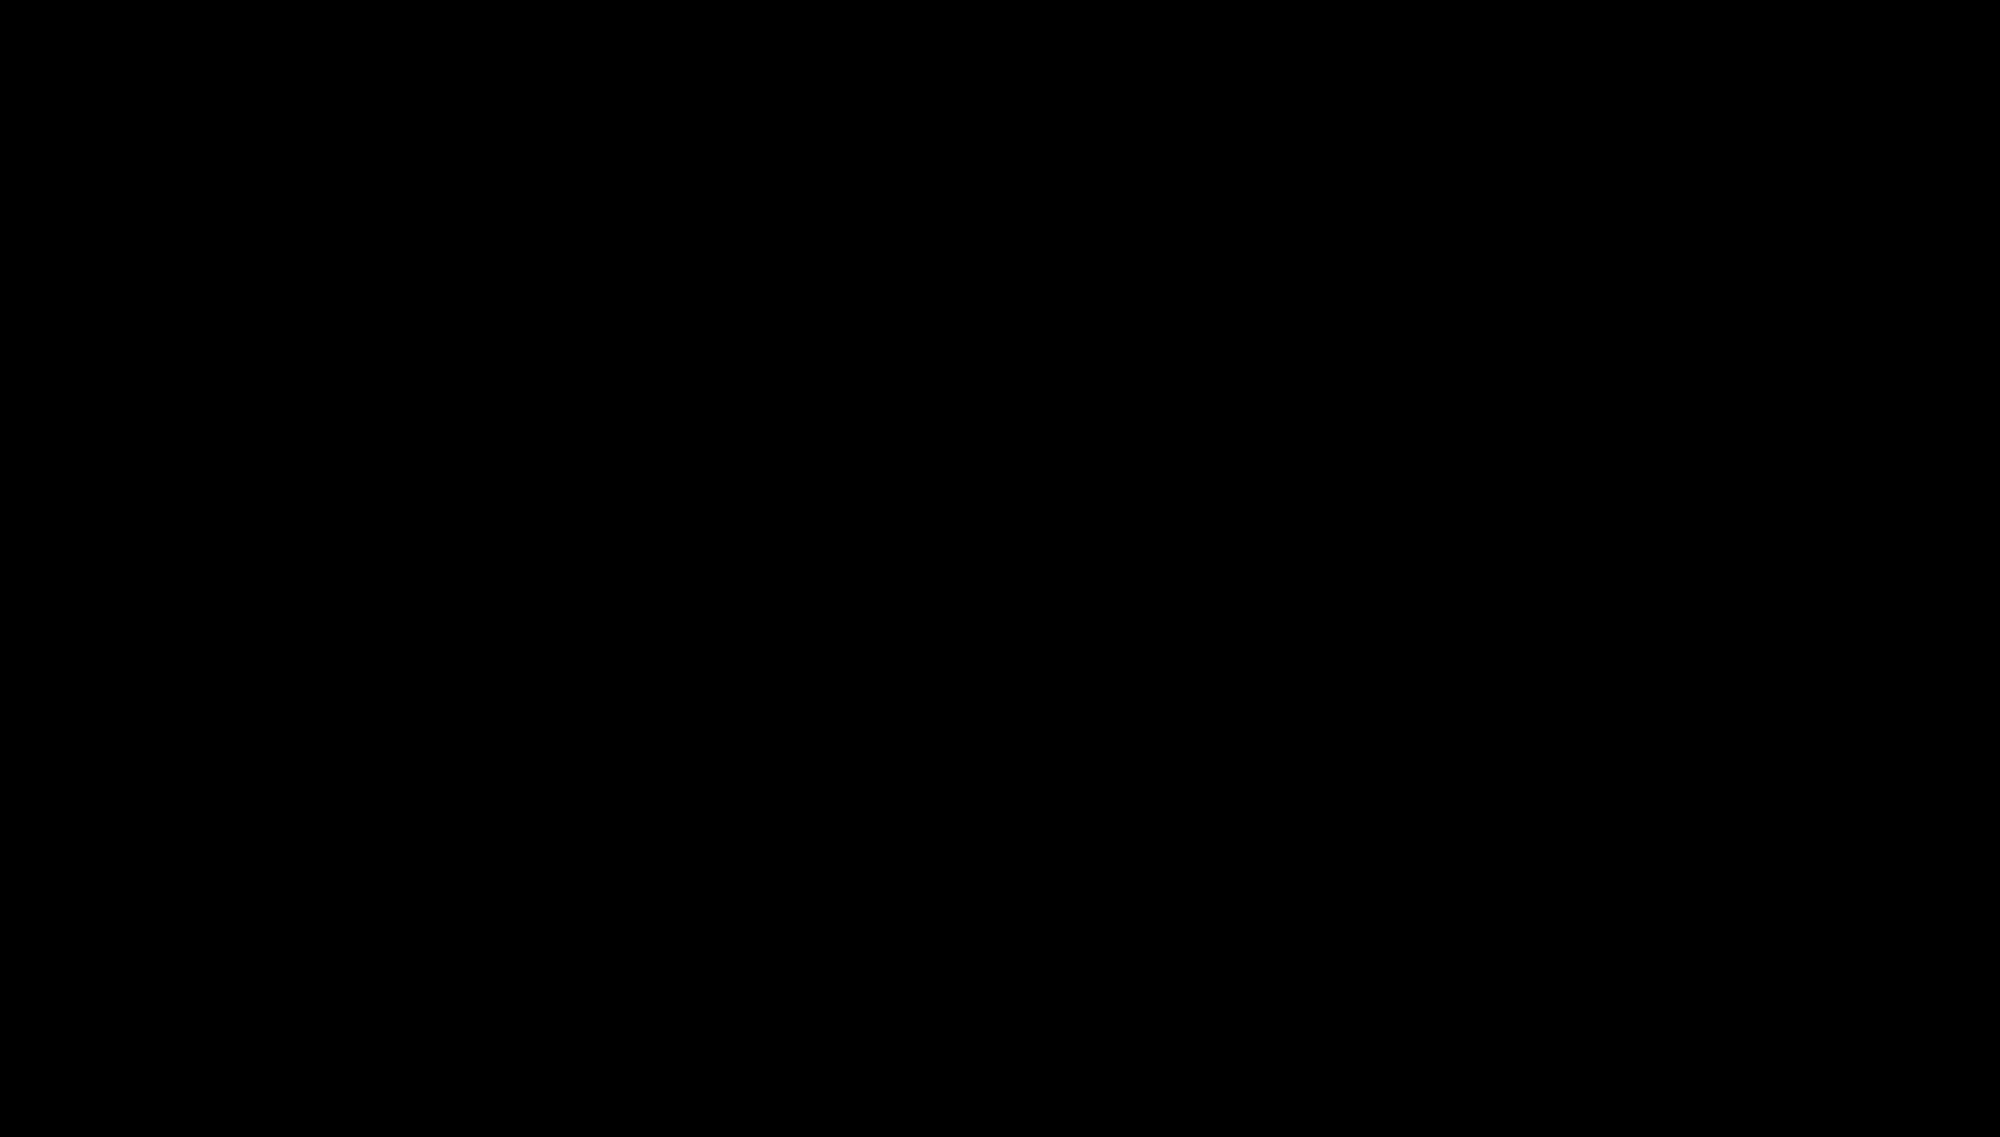 test graf